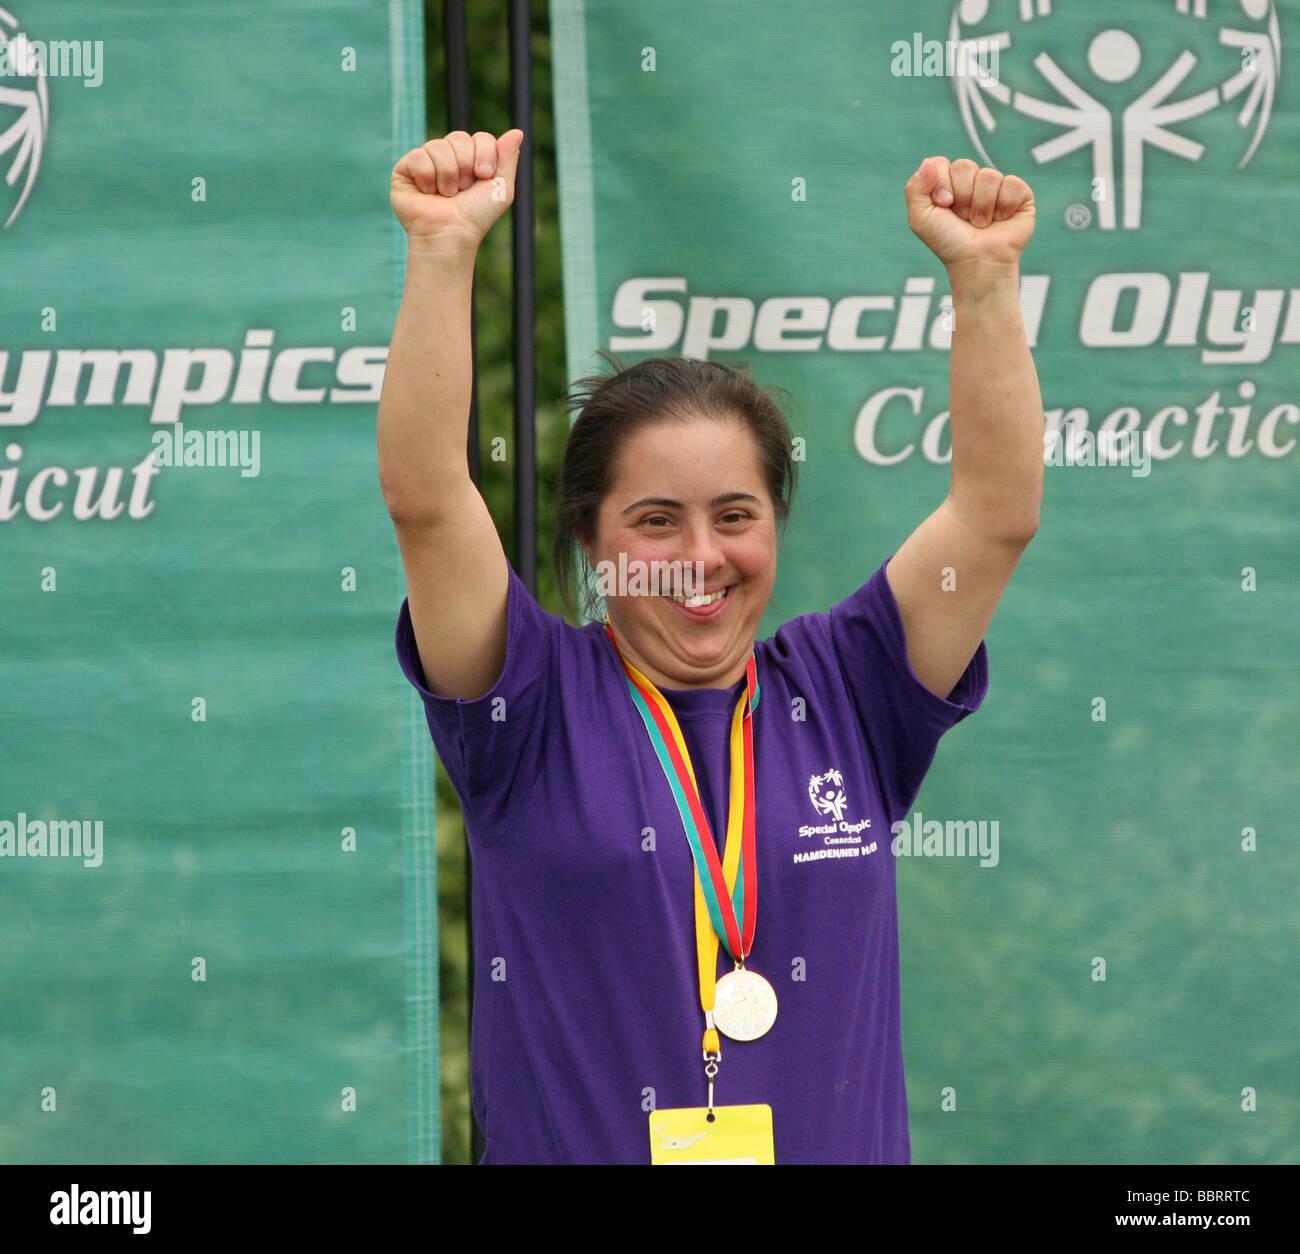 Connecticut USA Special Olympics cerimonia di premiazione medaglia d'Oro Foto Stock